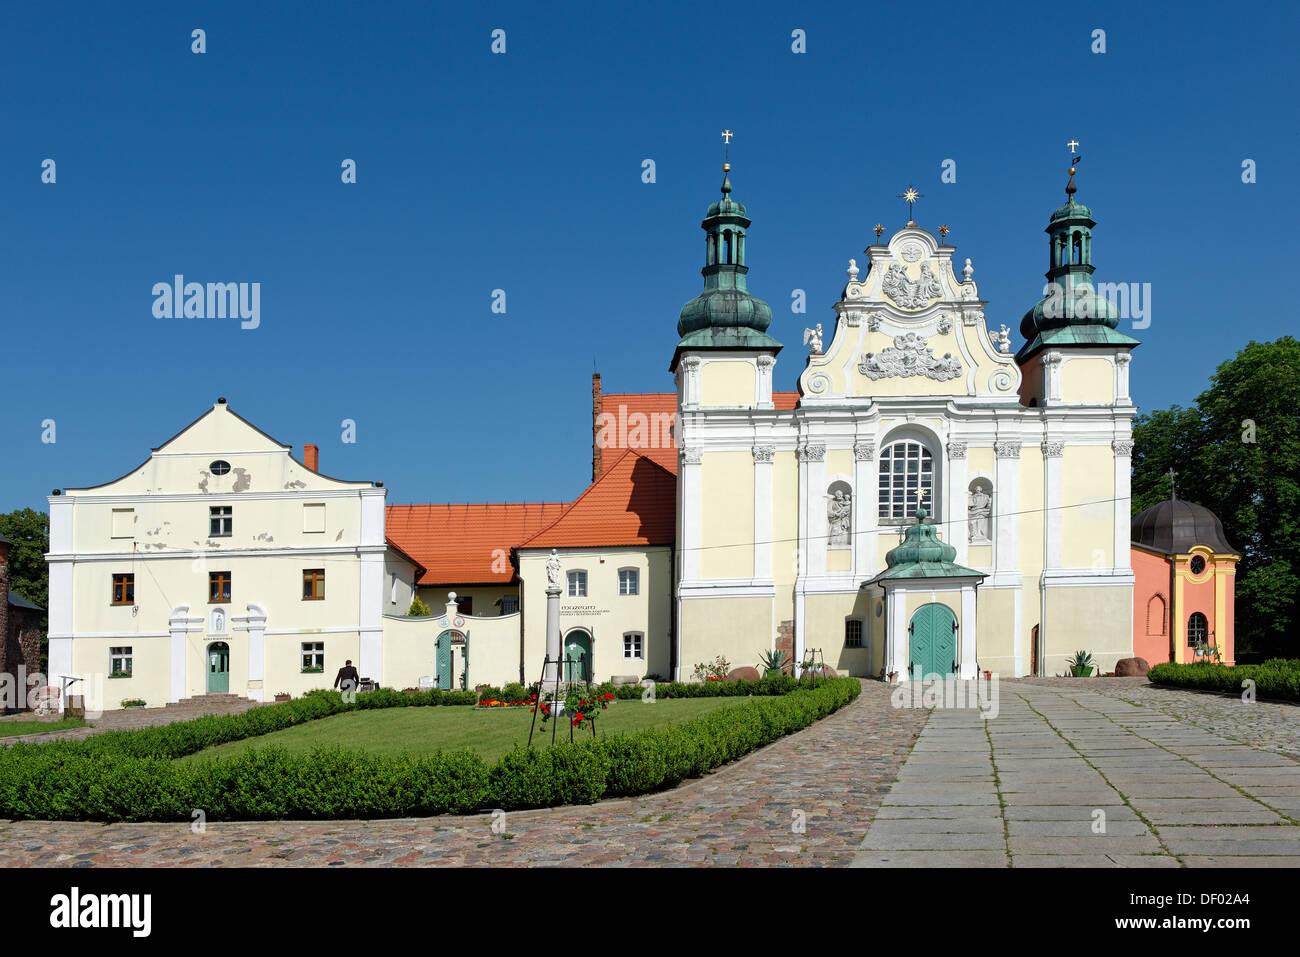 Moniales prémontrés''Église de la Sainte Trinité, Strzelno, Pologne, Europe Photo Stock